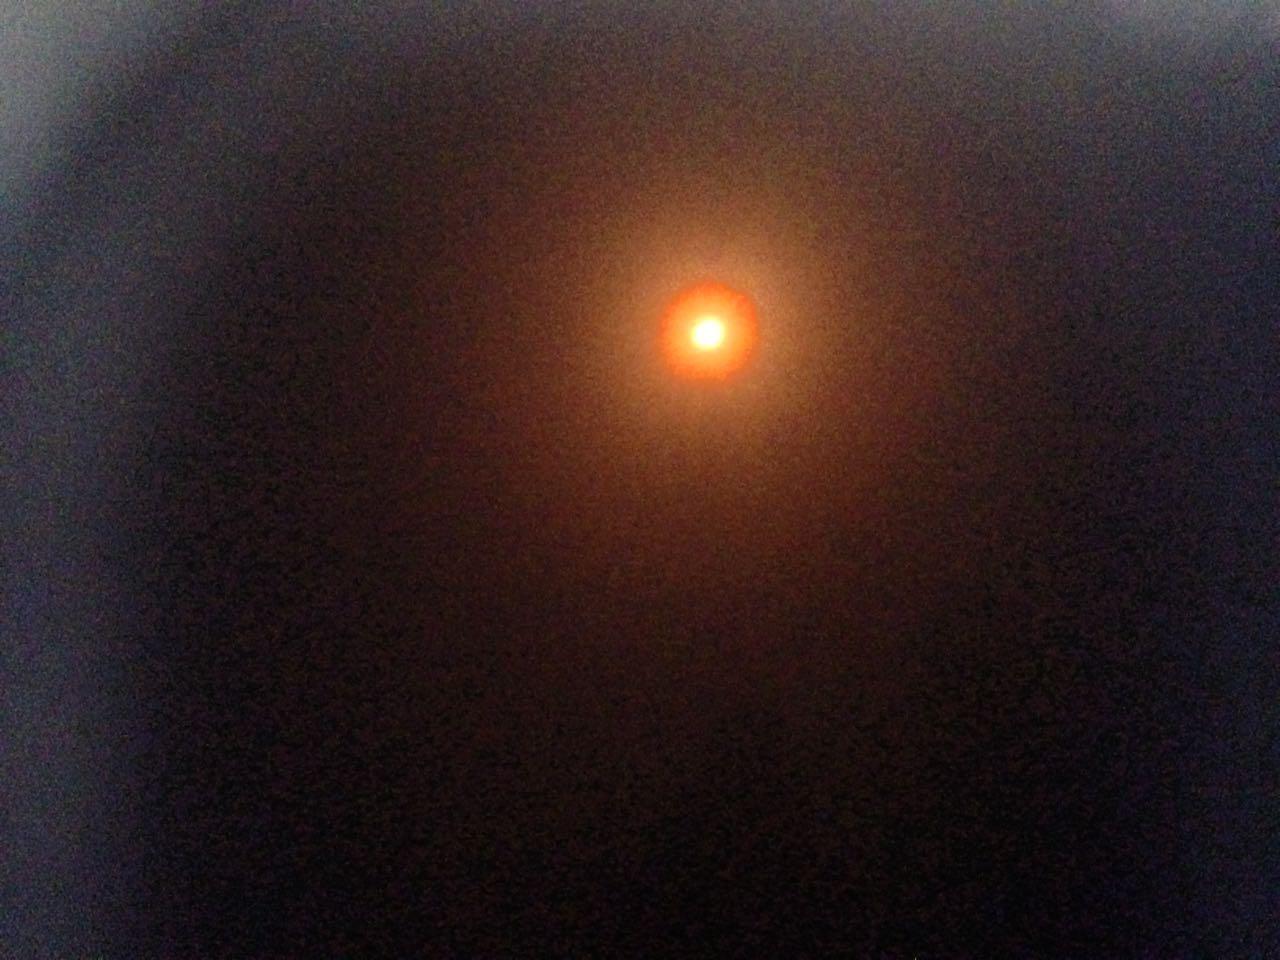 El Observatorio Griffith de los Ángeles, llamado santuario de la ciencia, lugar ideal para ver el eclipse